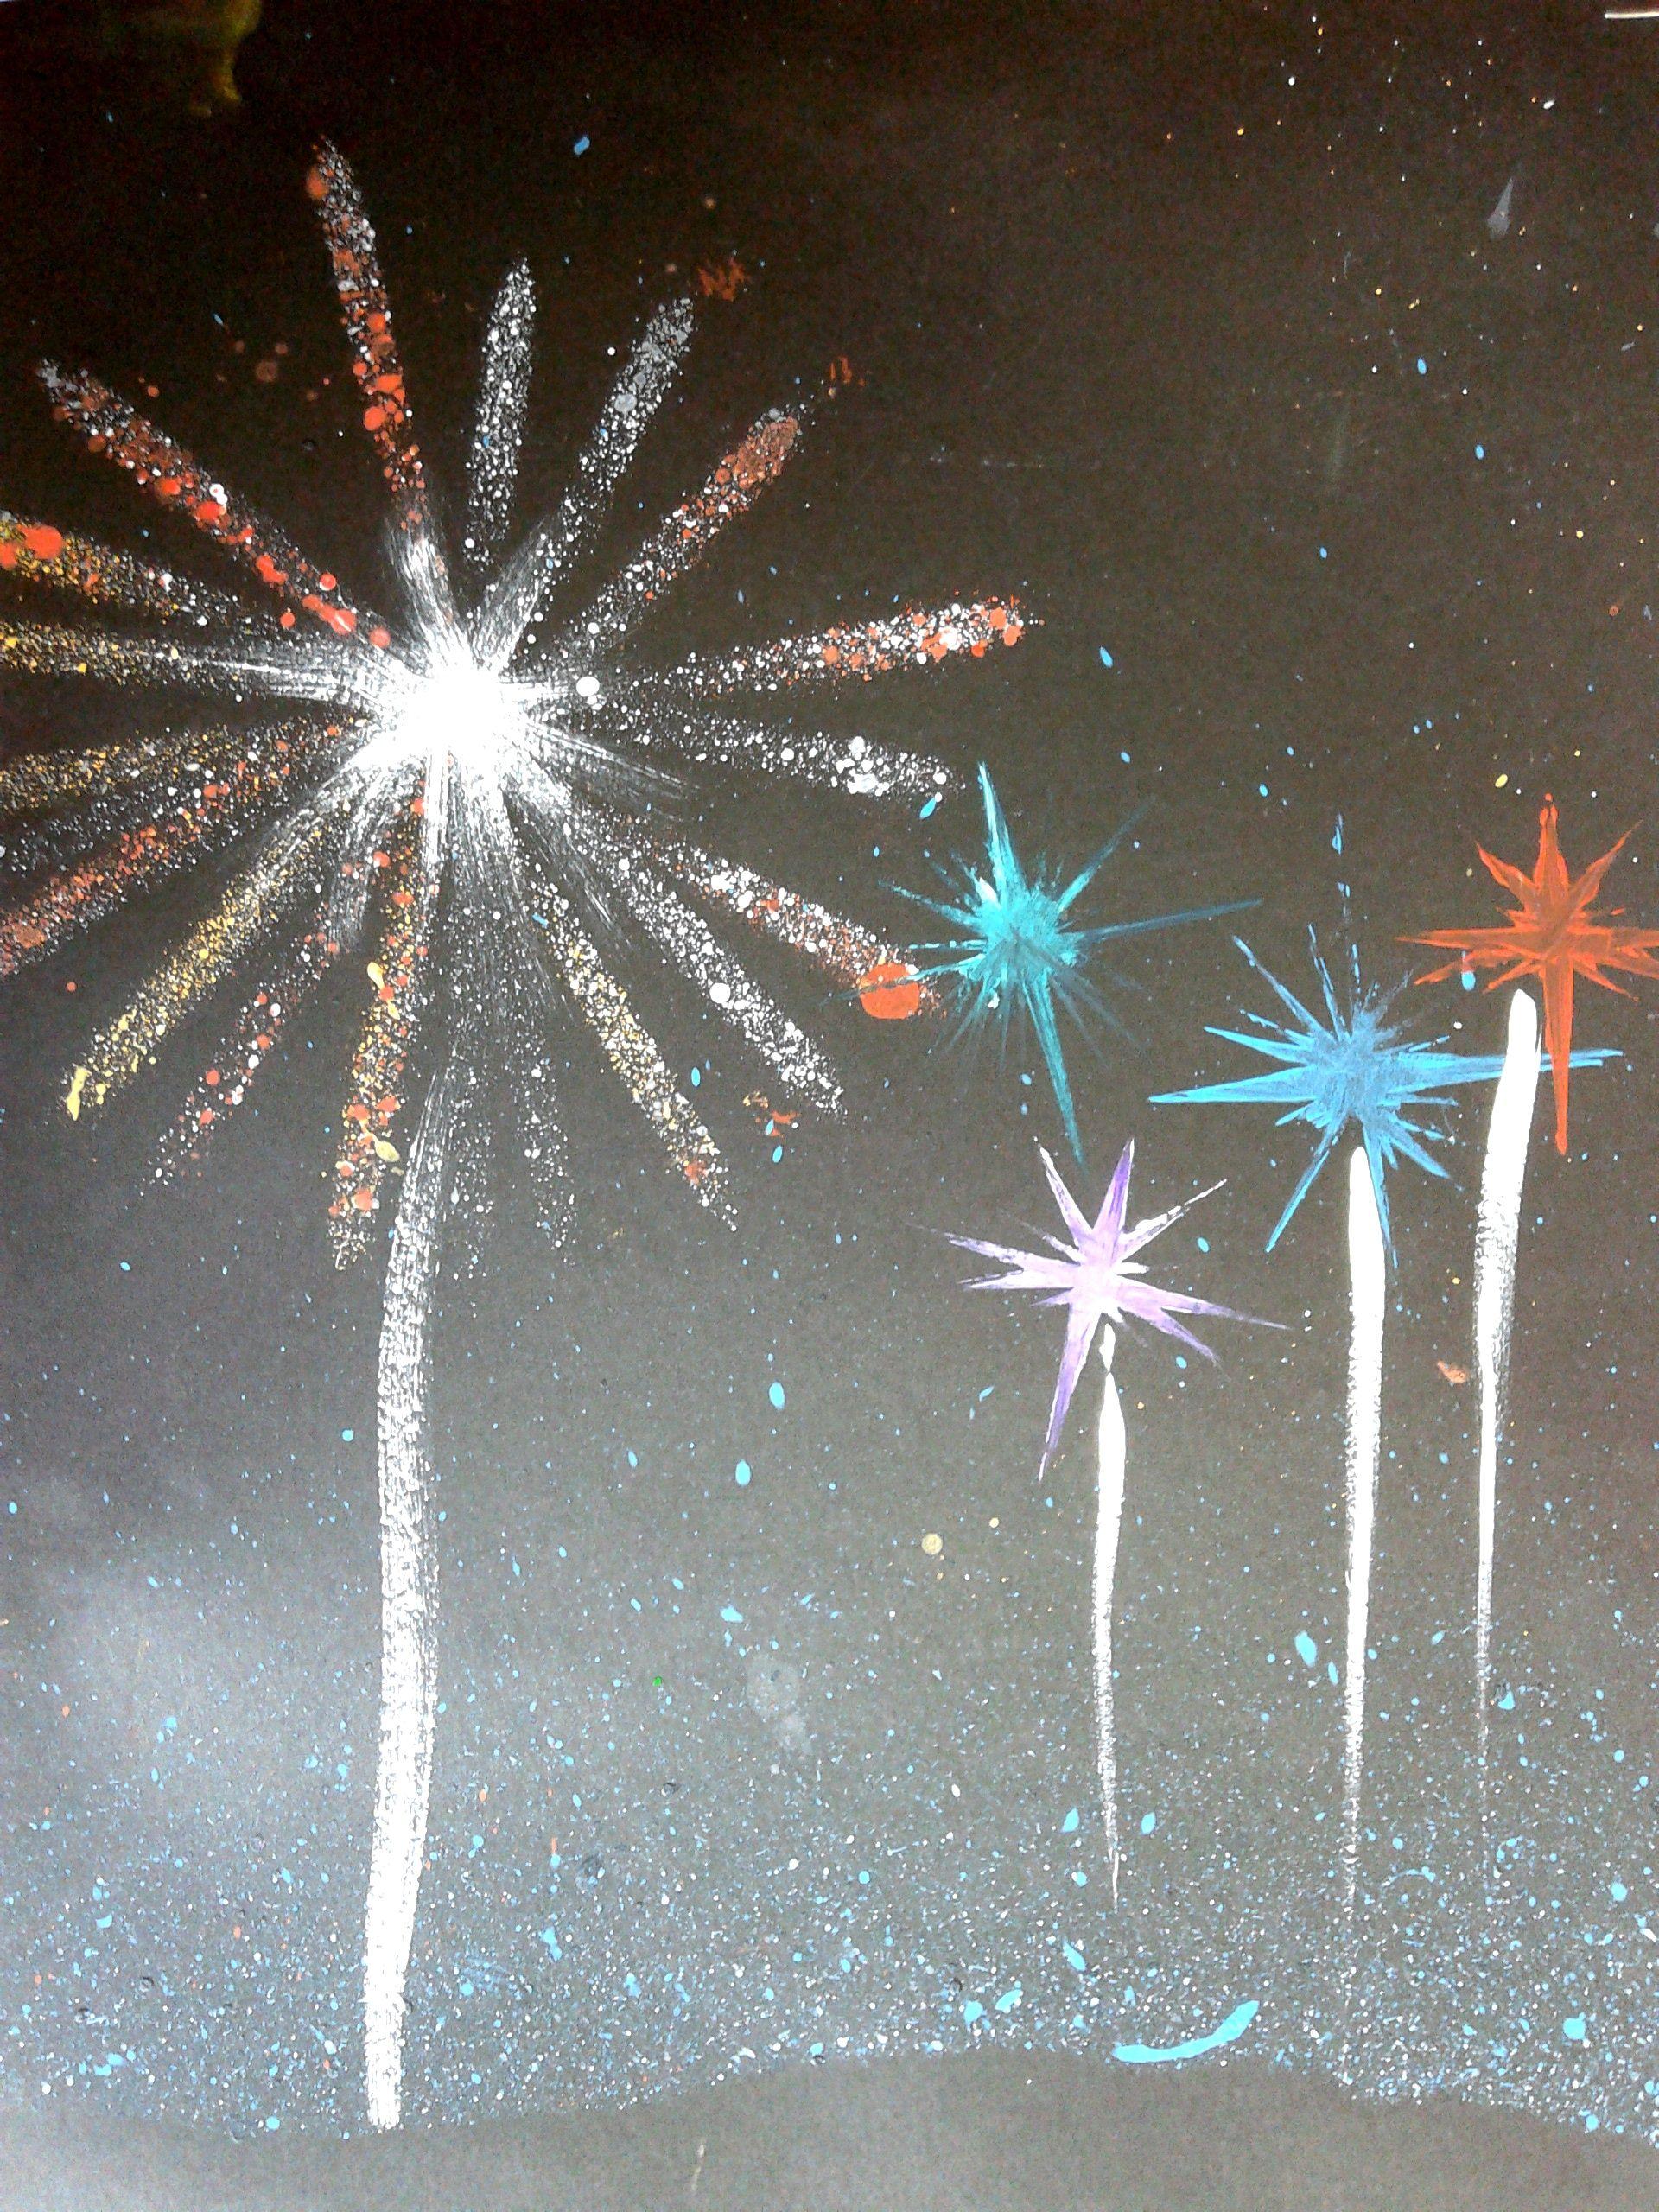 How Do Fireworks Work Ks2